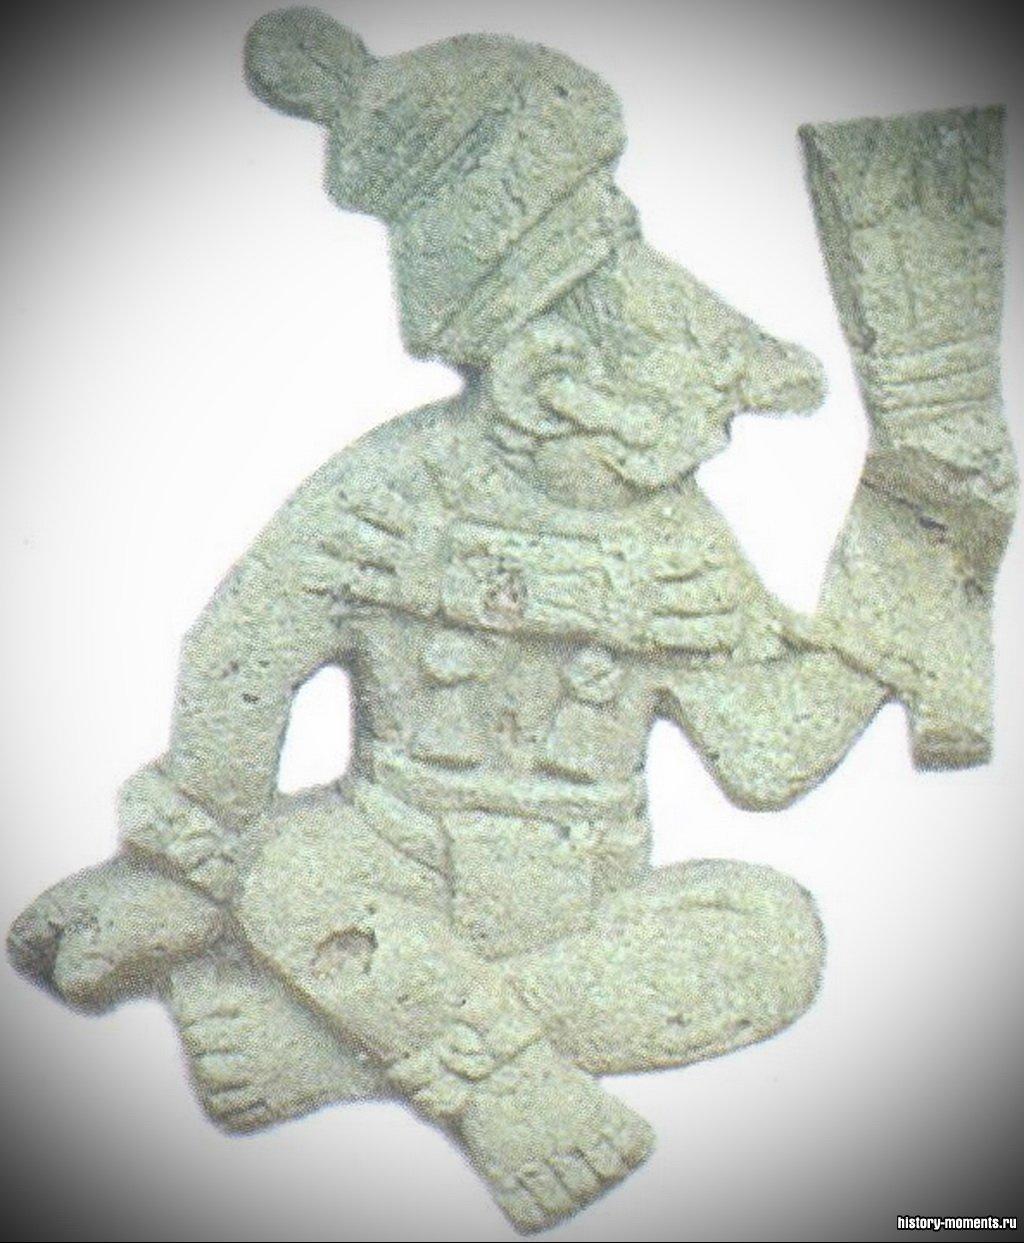 Статуэтки майя чаще всего изображали богов, но иногда отражали и события повседневной жизни. За пределами городов люди чаще всего занимались земледелием.